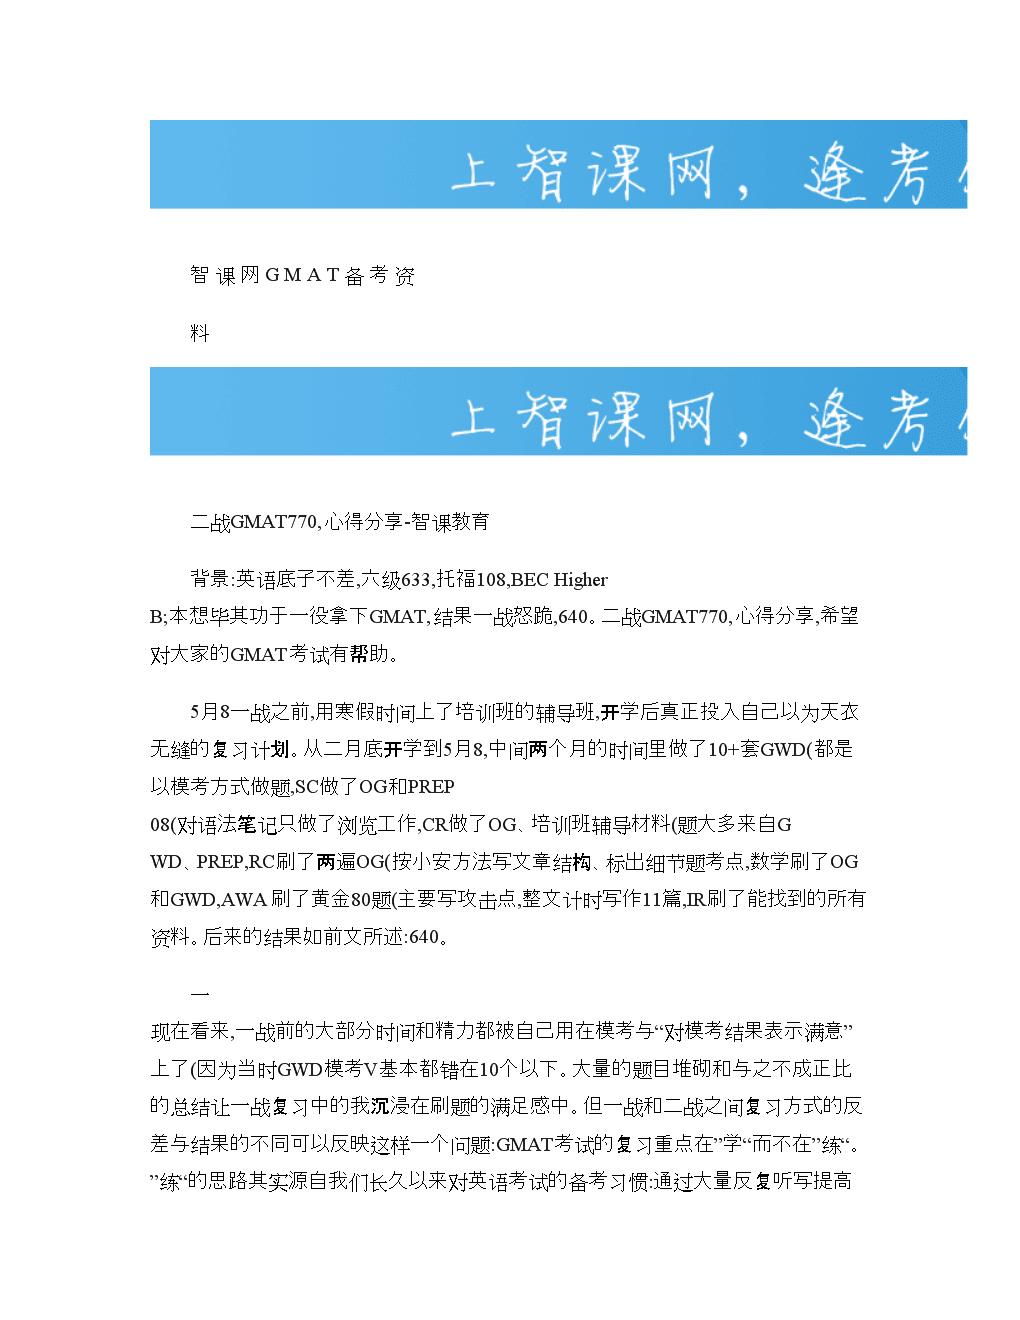 二战GMAT770,心得分享-智课教育.doc